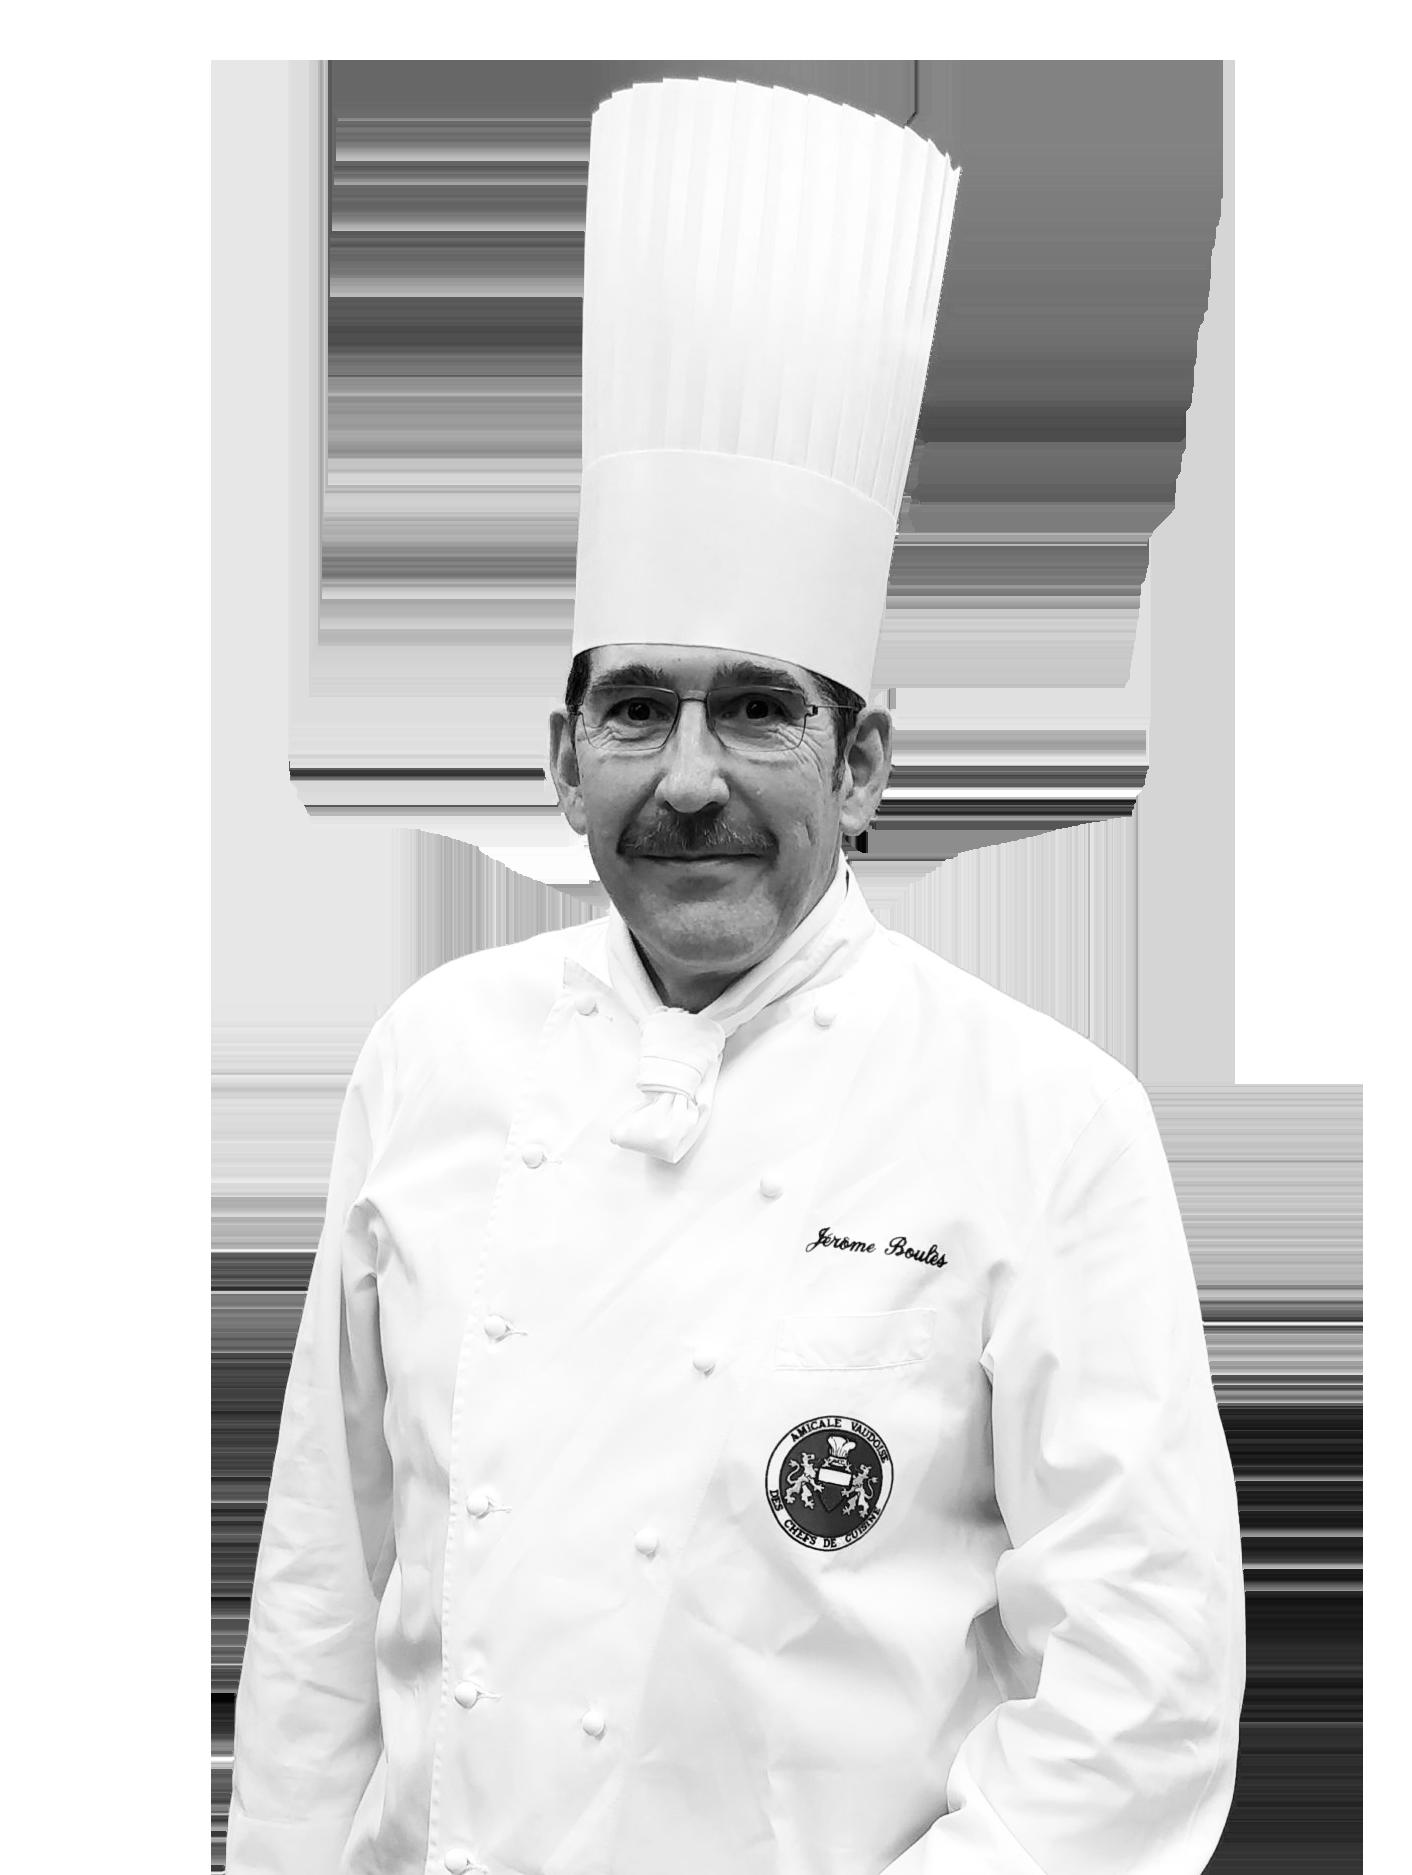 Jérôme Boulès